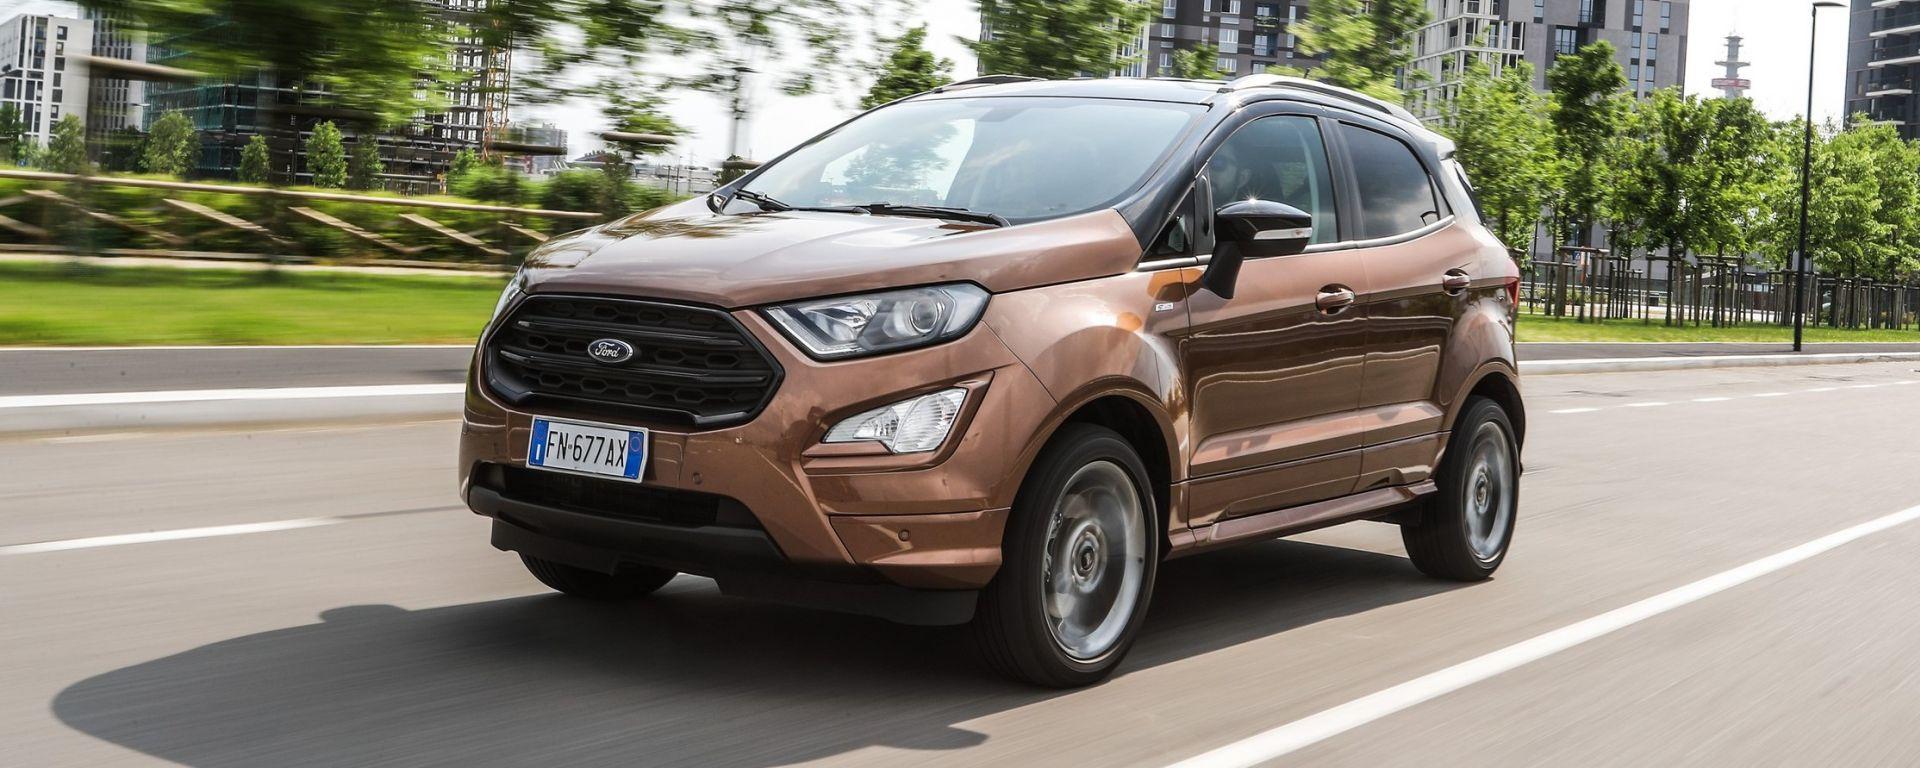 Ford EcoSport 1.5 TDCi 100 cv: nel suo piccolo, dà tanto